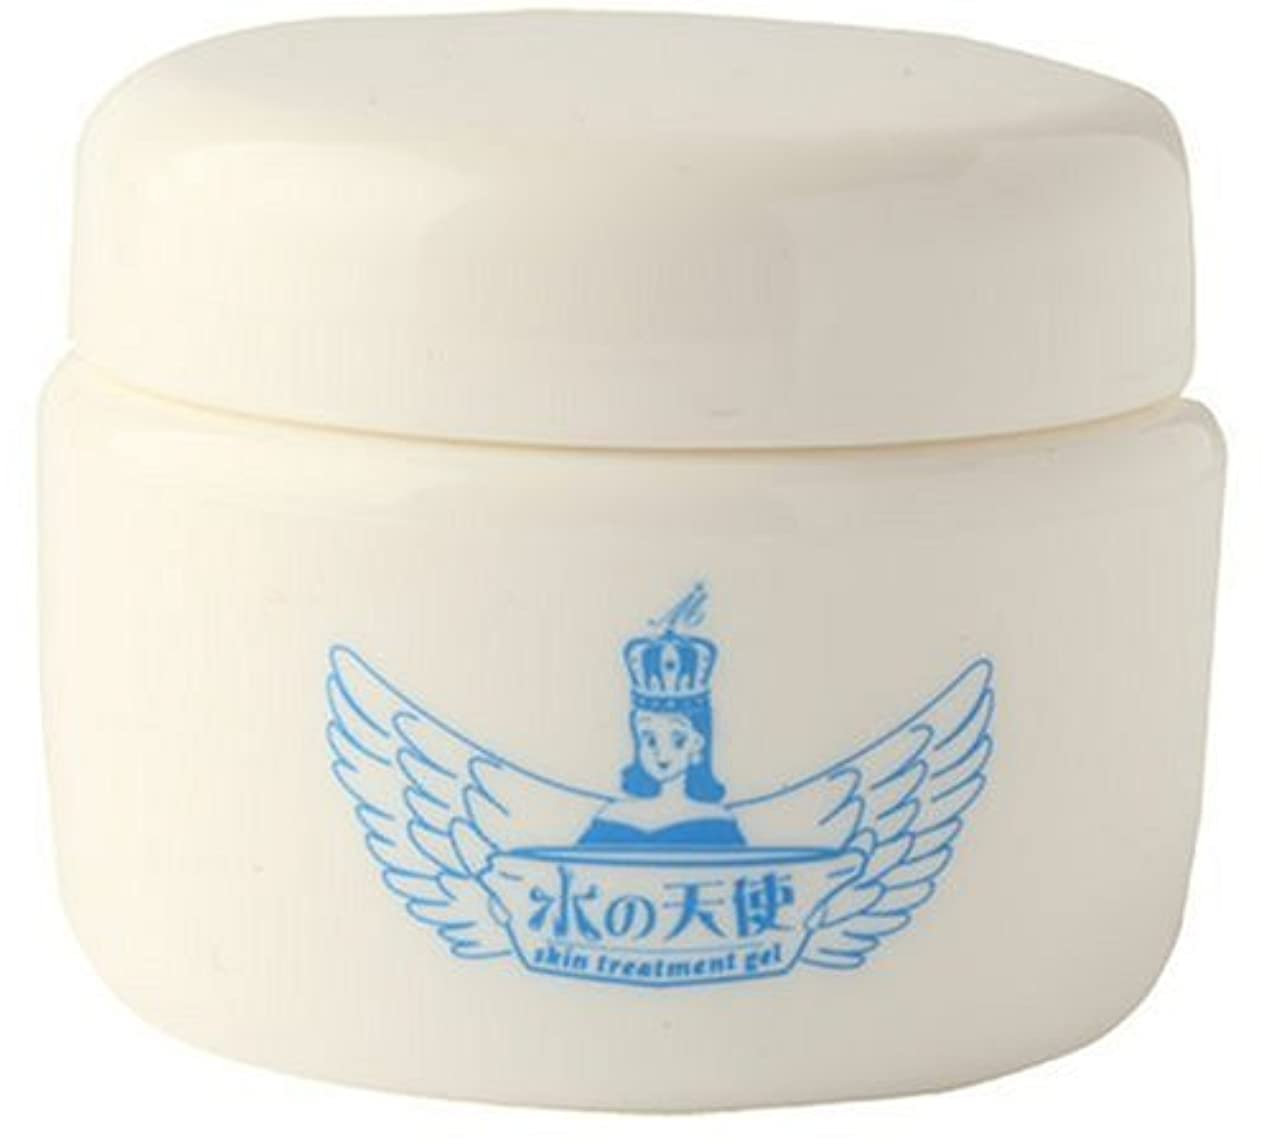 聴くアレルギー性角度水の天使 50g 美容液